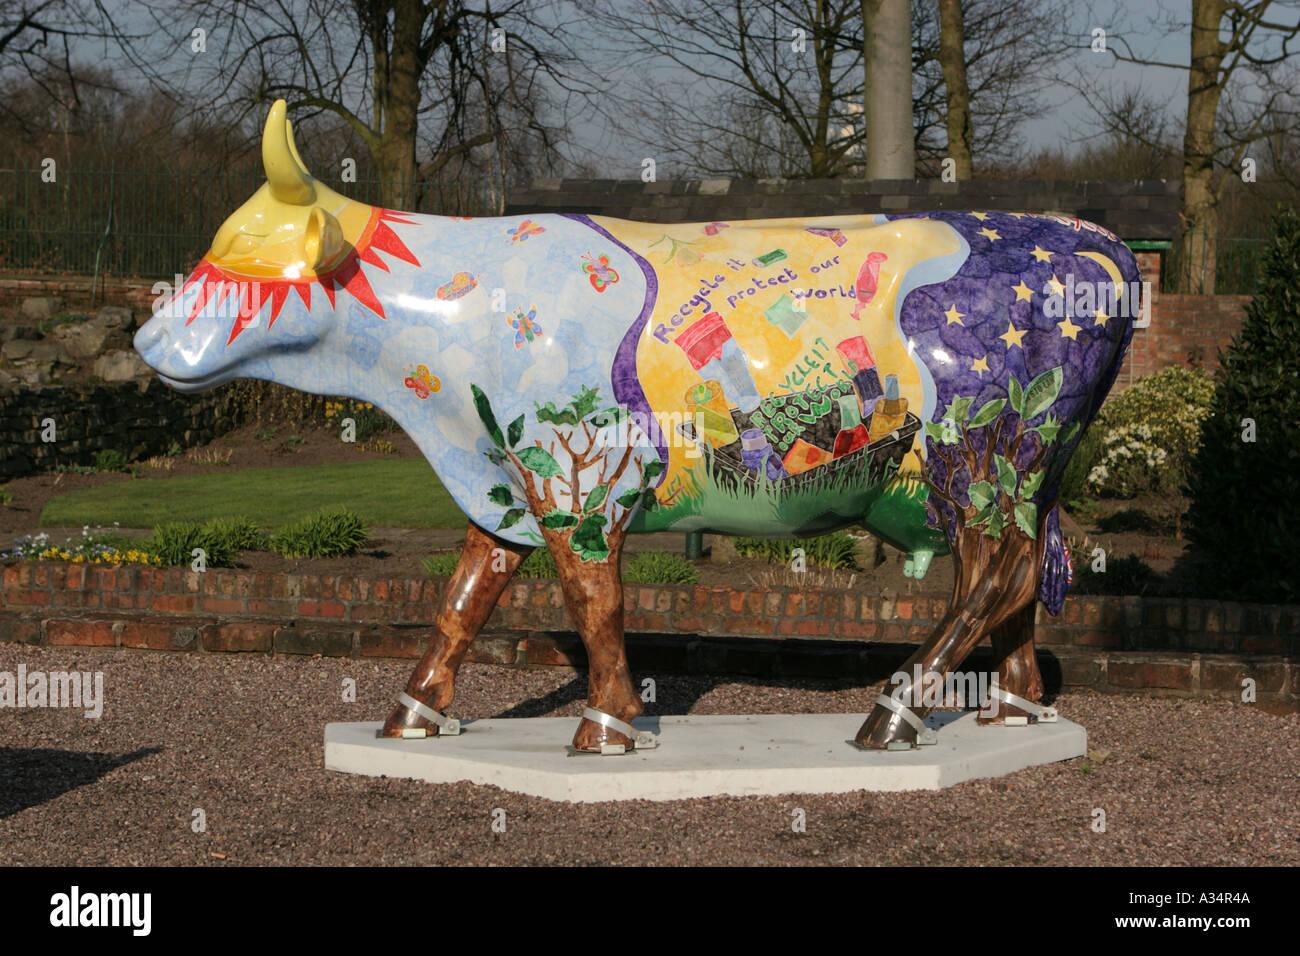 Cow Heaton Park part of Cow Parade Manchester 2004 public art exhibition UK - Stock Image